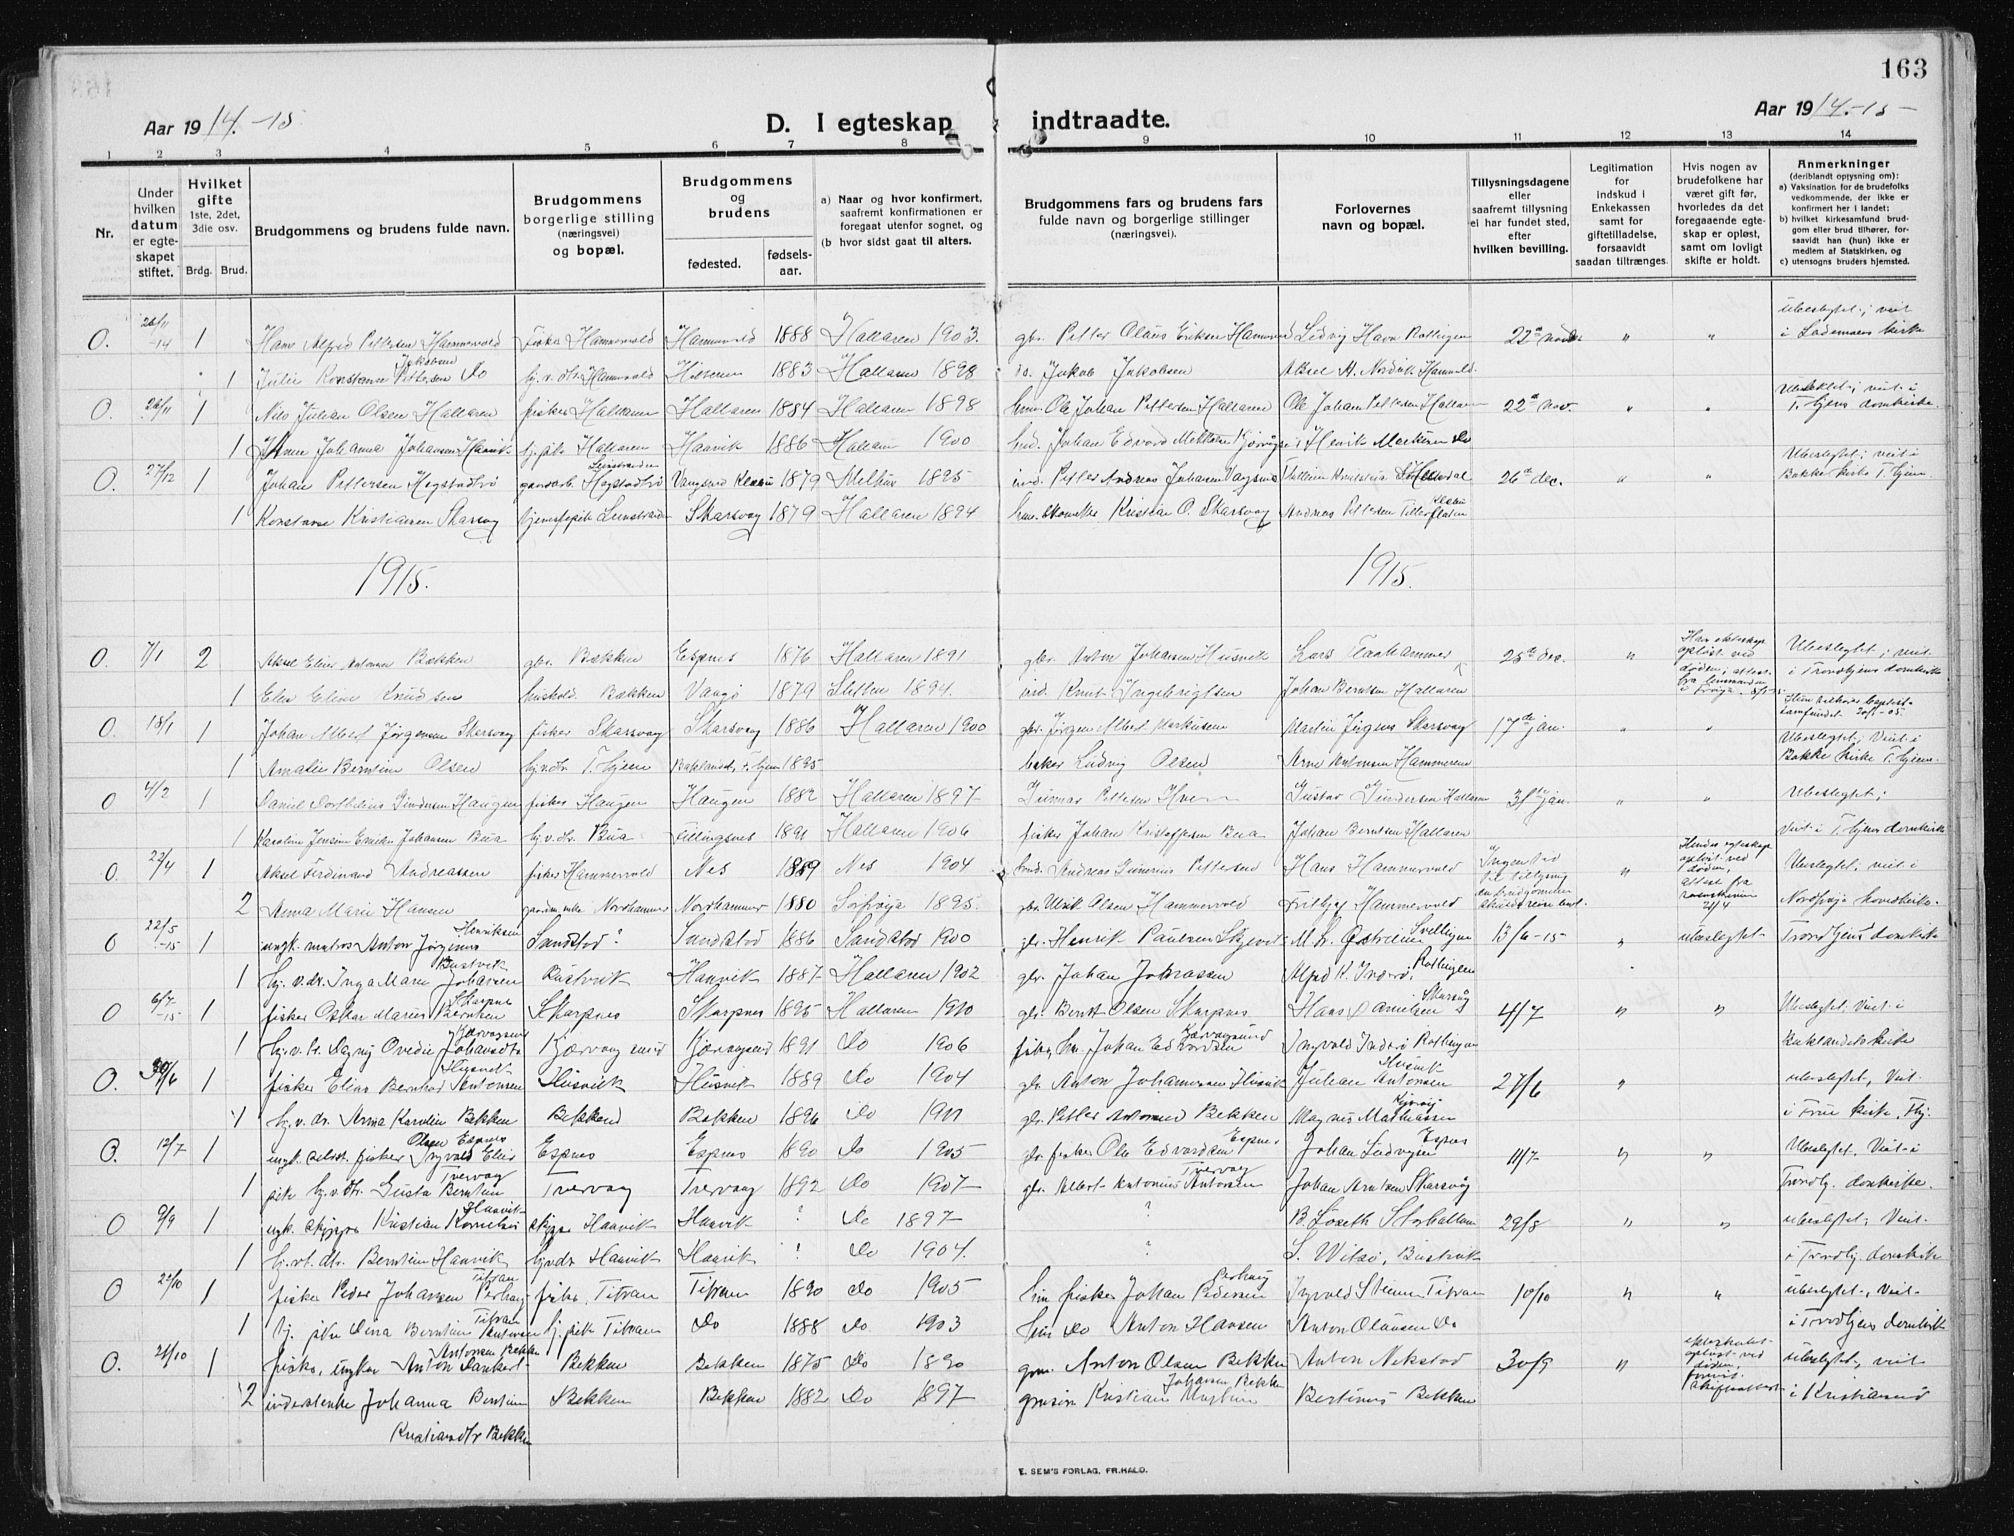 SAT, Ministerialprotokoller, klokkerbøker og fødselsregistre - Sør-Trøndelag, 641/L0599: Klokkerbok nr. 641C03, 1910-1938, s. 163